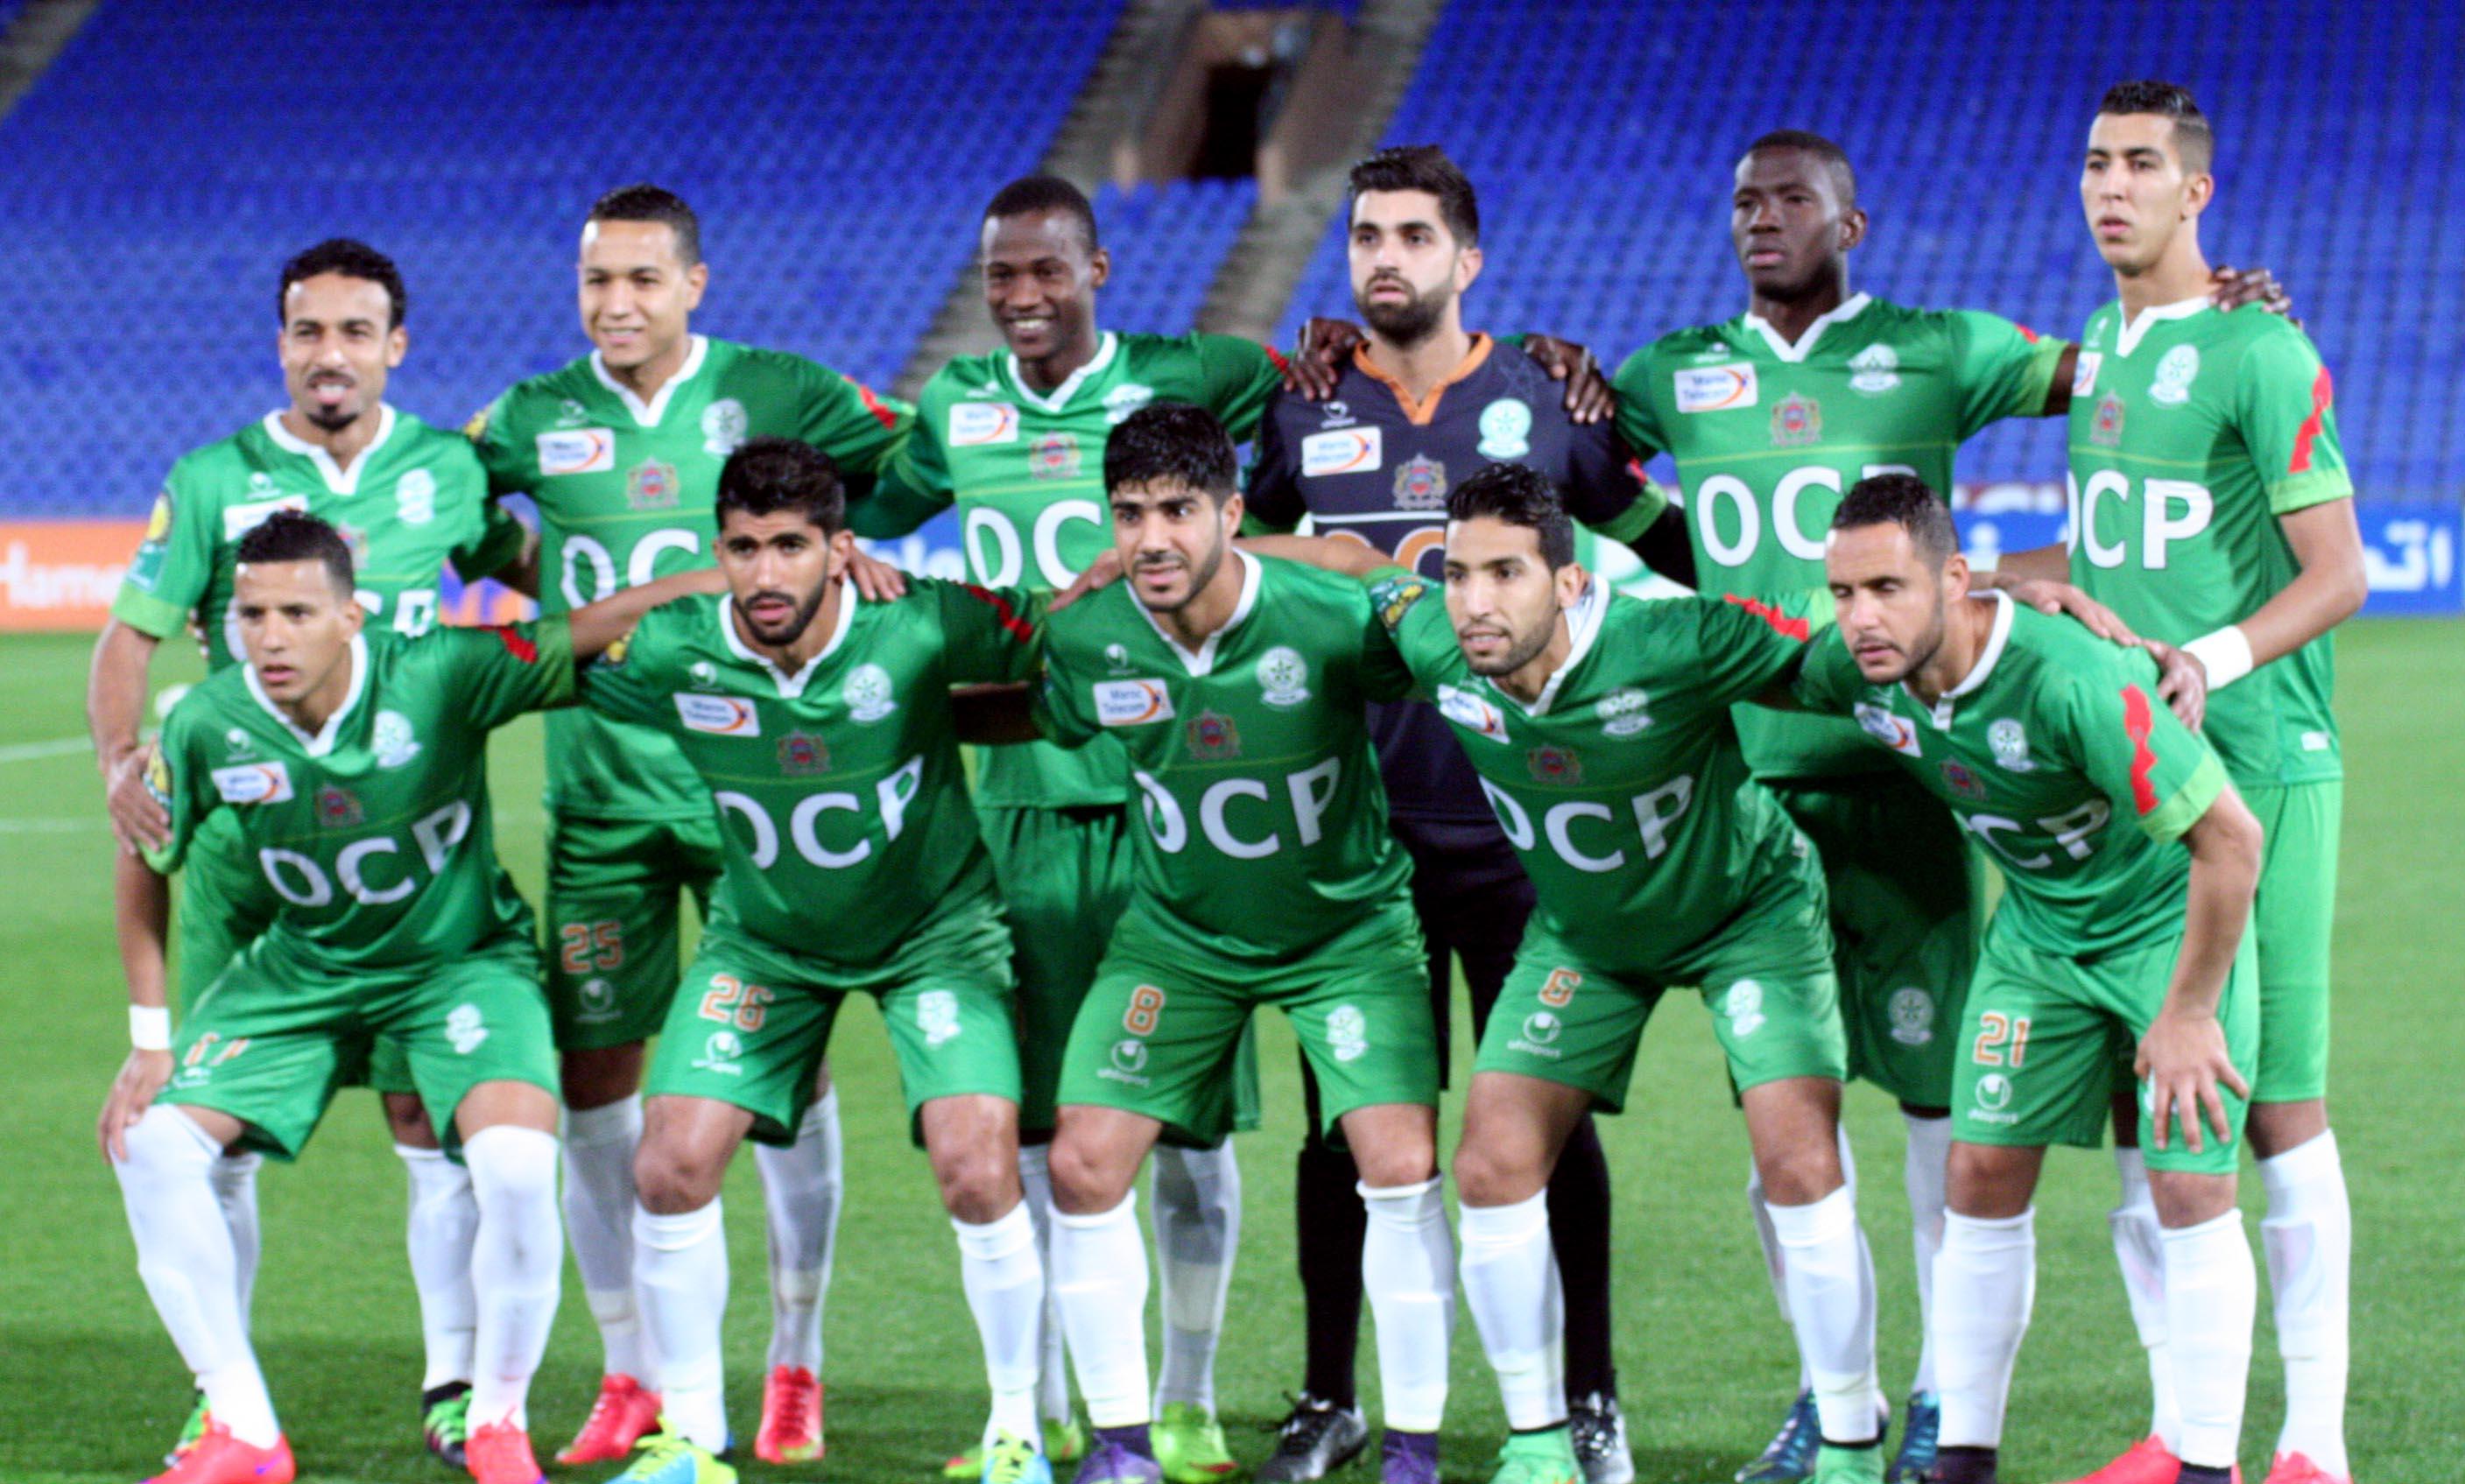 أولمبيك خريبكة مطالب بإلحاق ثاني هزيمة بالفريق التونسي في دوري الأبطال بالمغرب رغم الفوارق الشاسعة